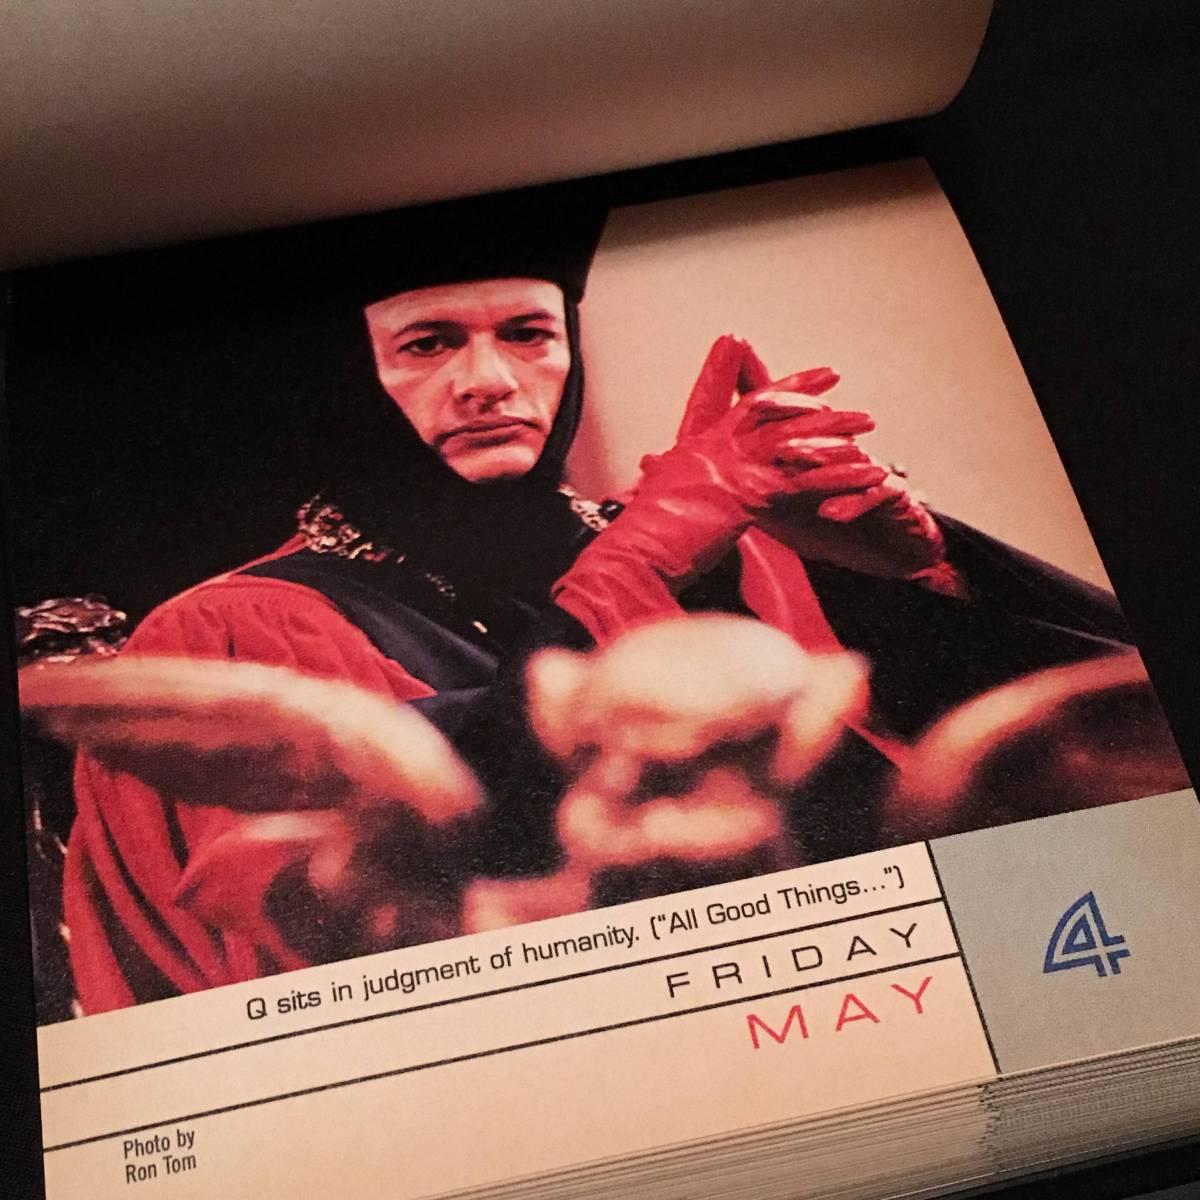 【超レア】STAR TREK STARDATE 2001 カレンダー【日めくり/365枚】【スタートレック】【箱入】【POCKET BOOKS】【2001年】【貴重】_画像7